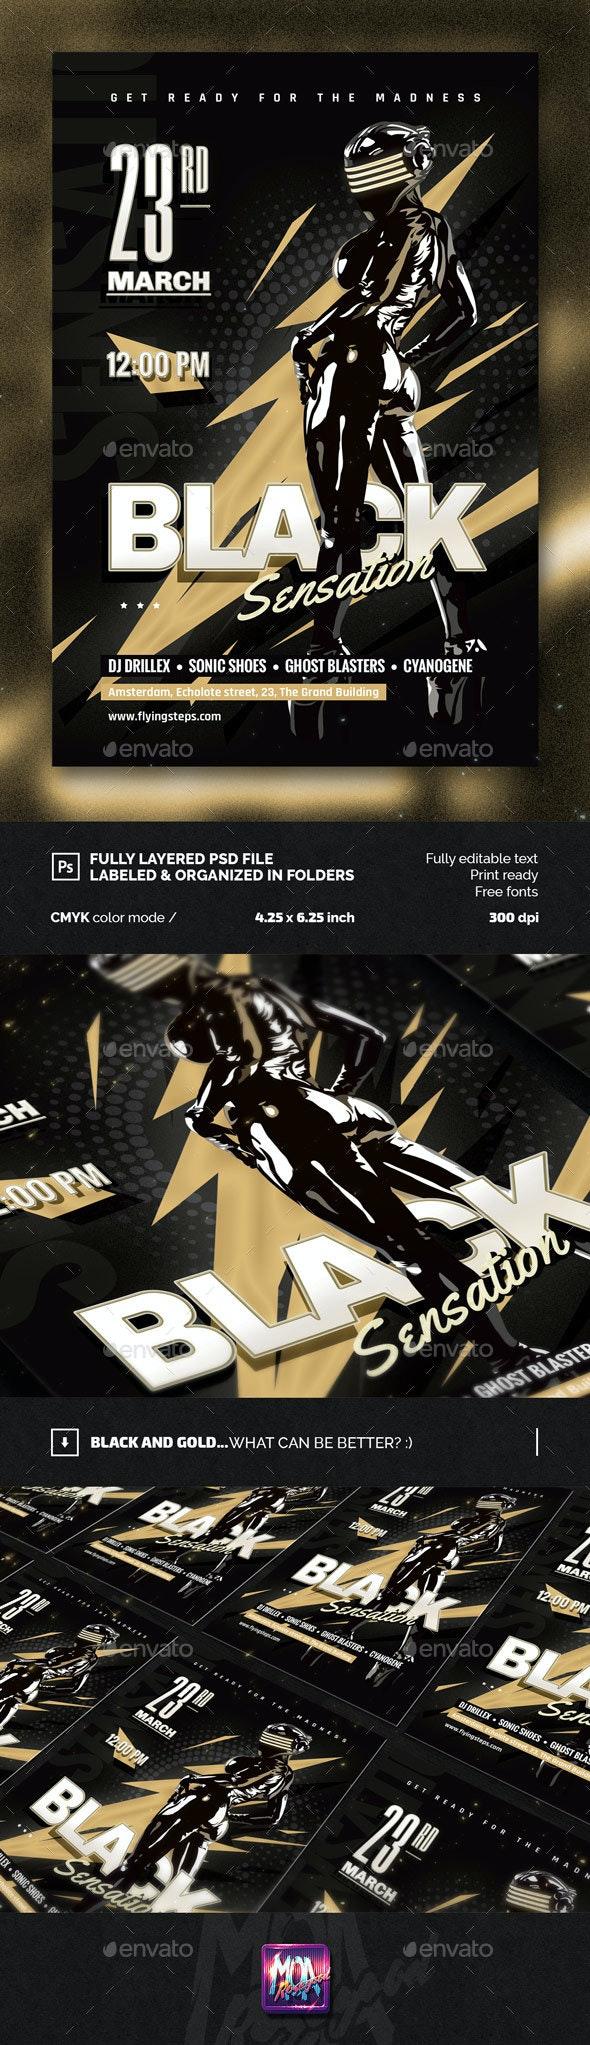 Black Sensation Party Flyer - Clubs & Parties Events